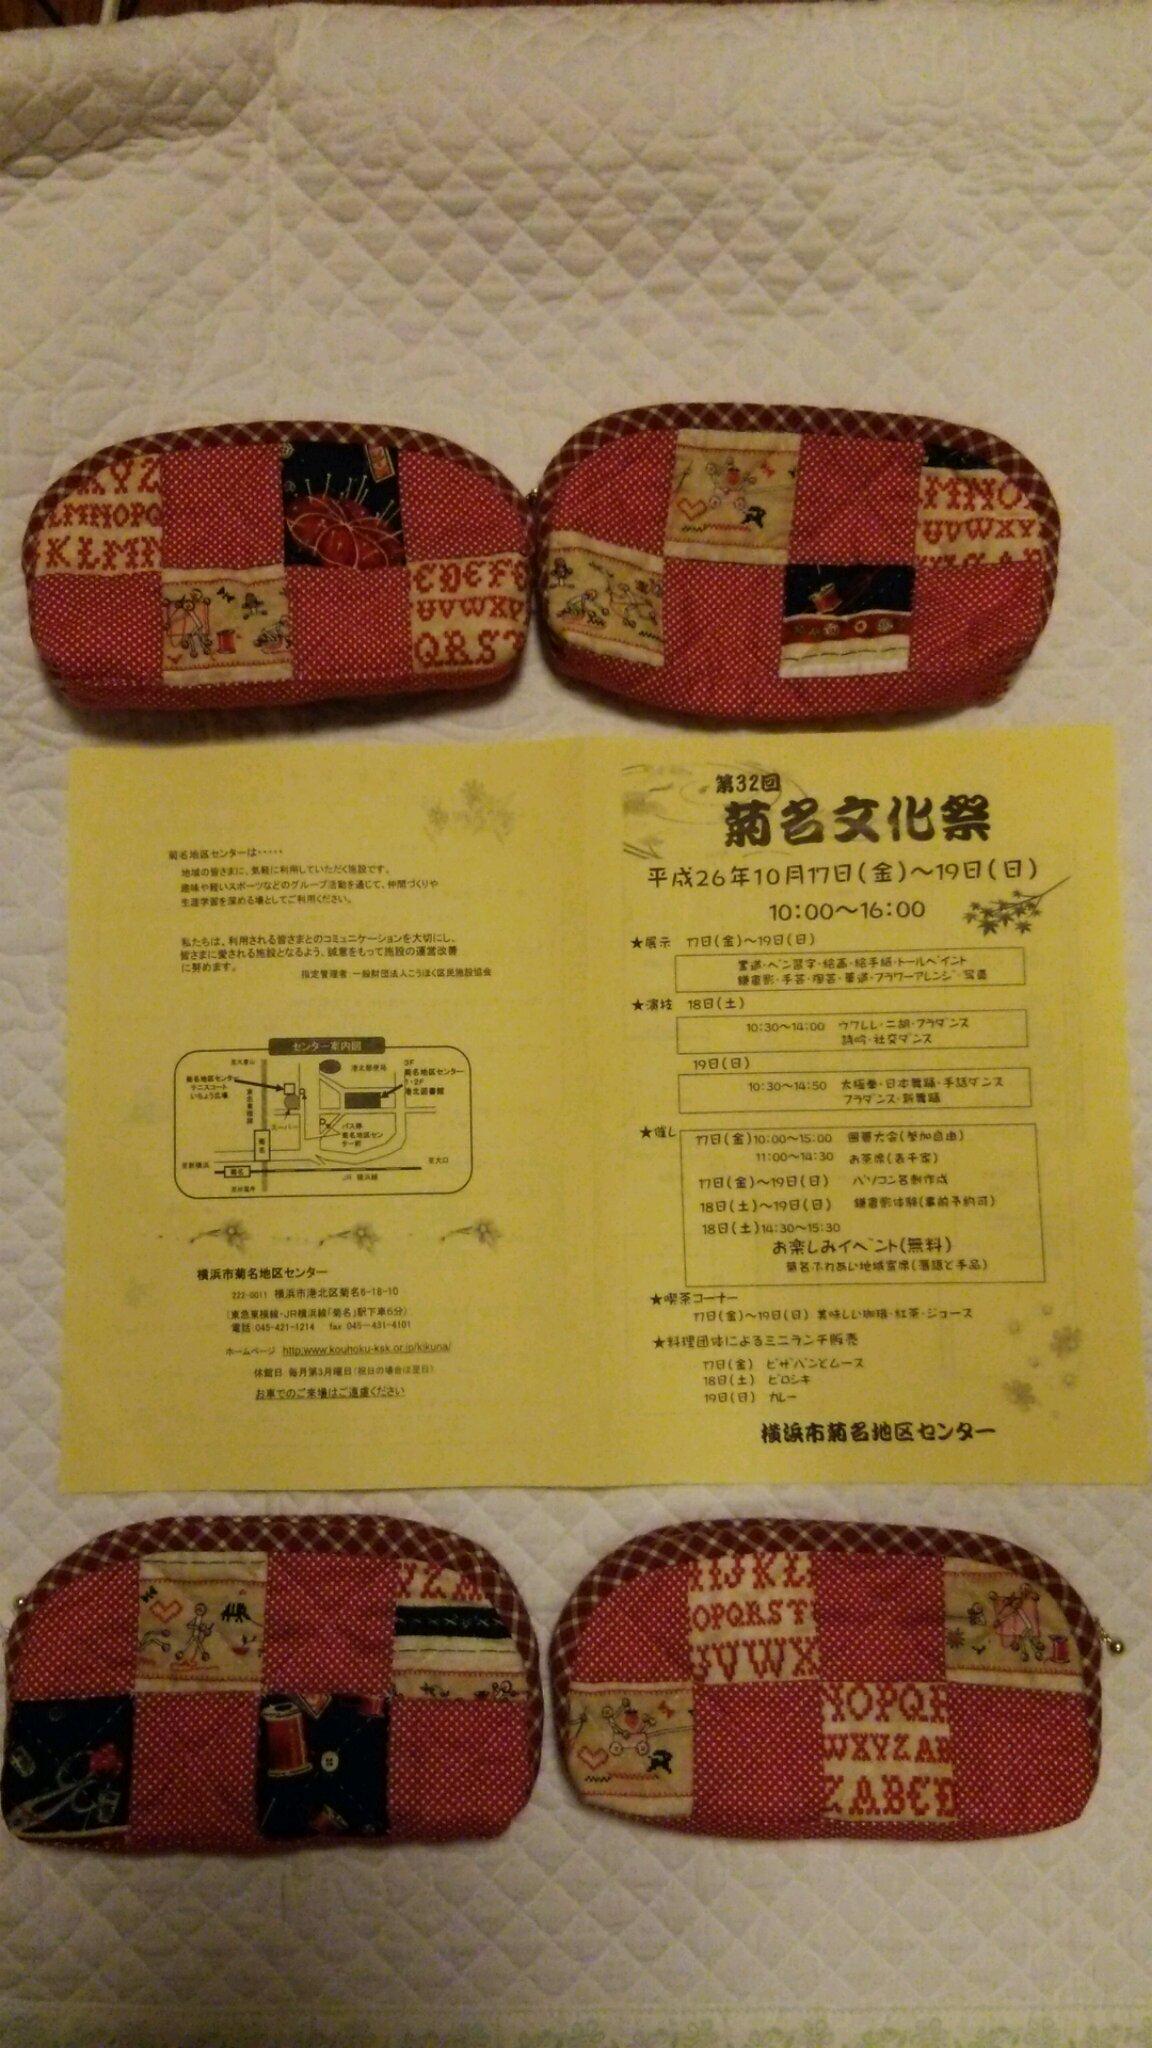 菊名文化祭